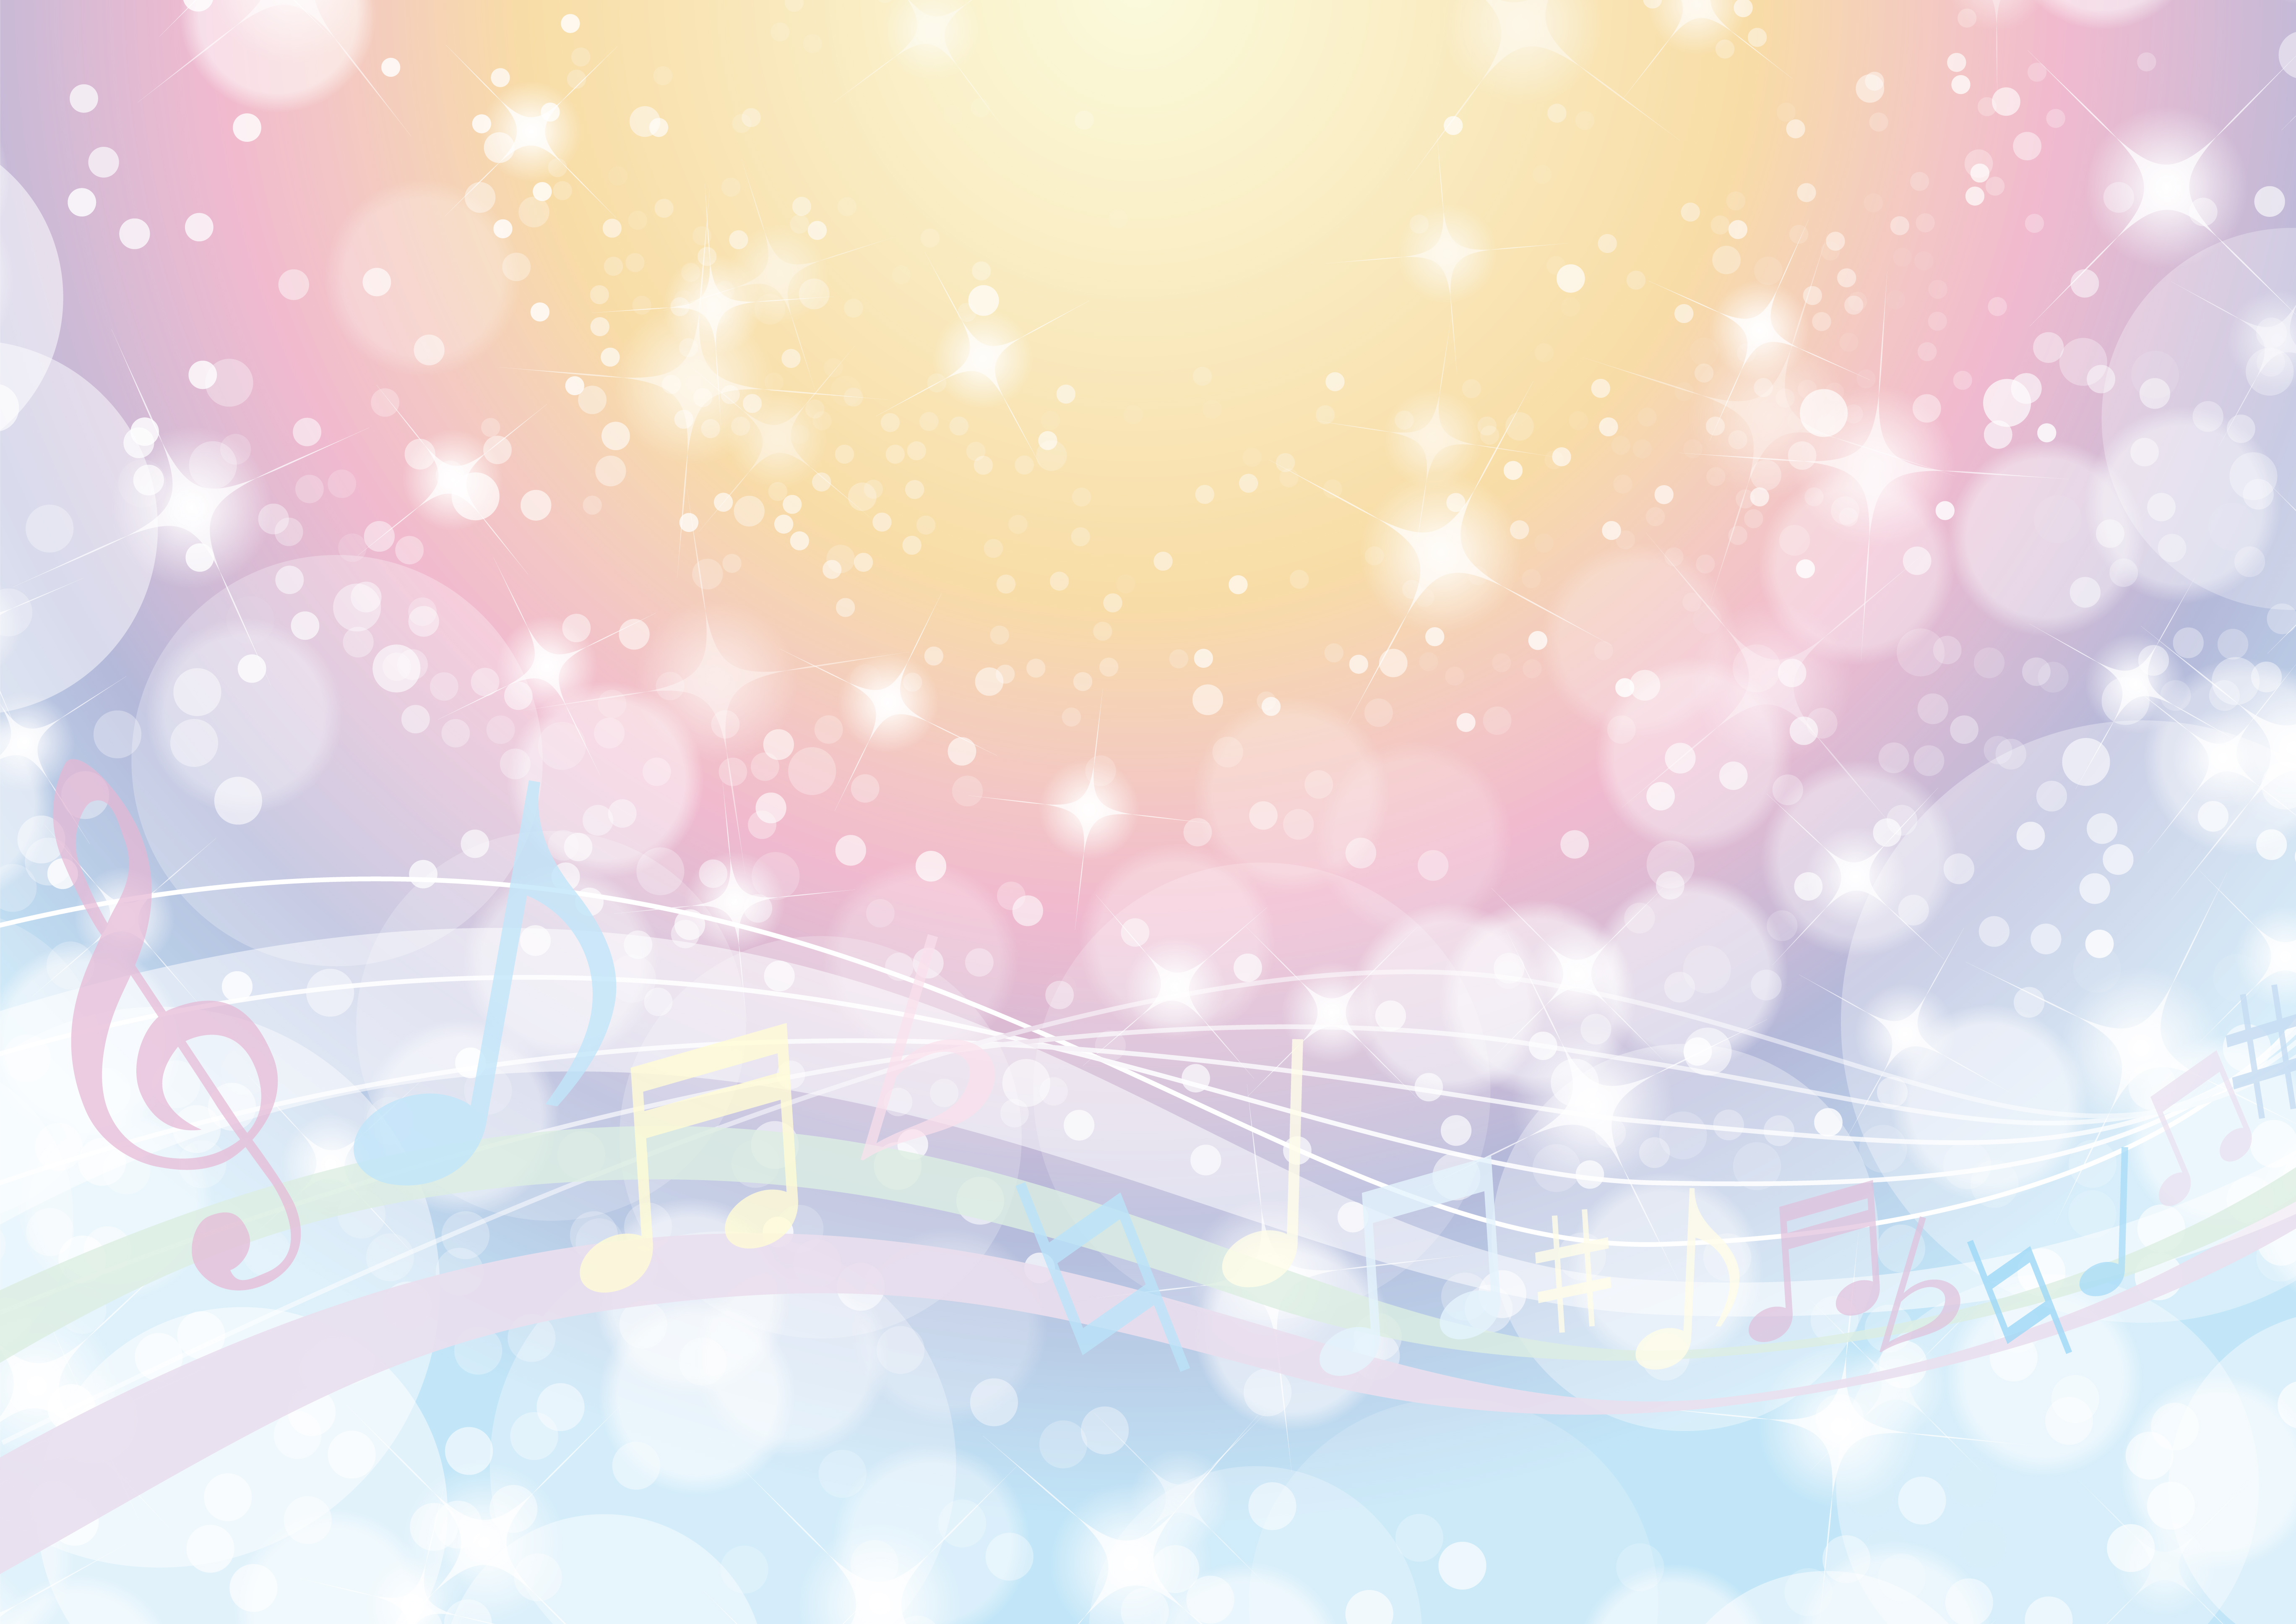 「音楽の日」今年の出演者予想!あの注目アーティストの出演は!?司会者は7年連続コンビ2016年の出演者はどうだった?2017年の出演者予想音楽の力で日本中をひとつに